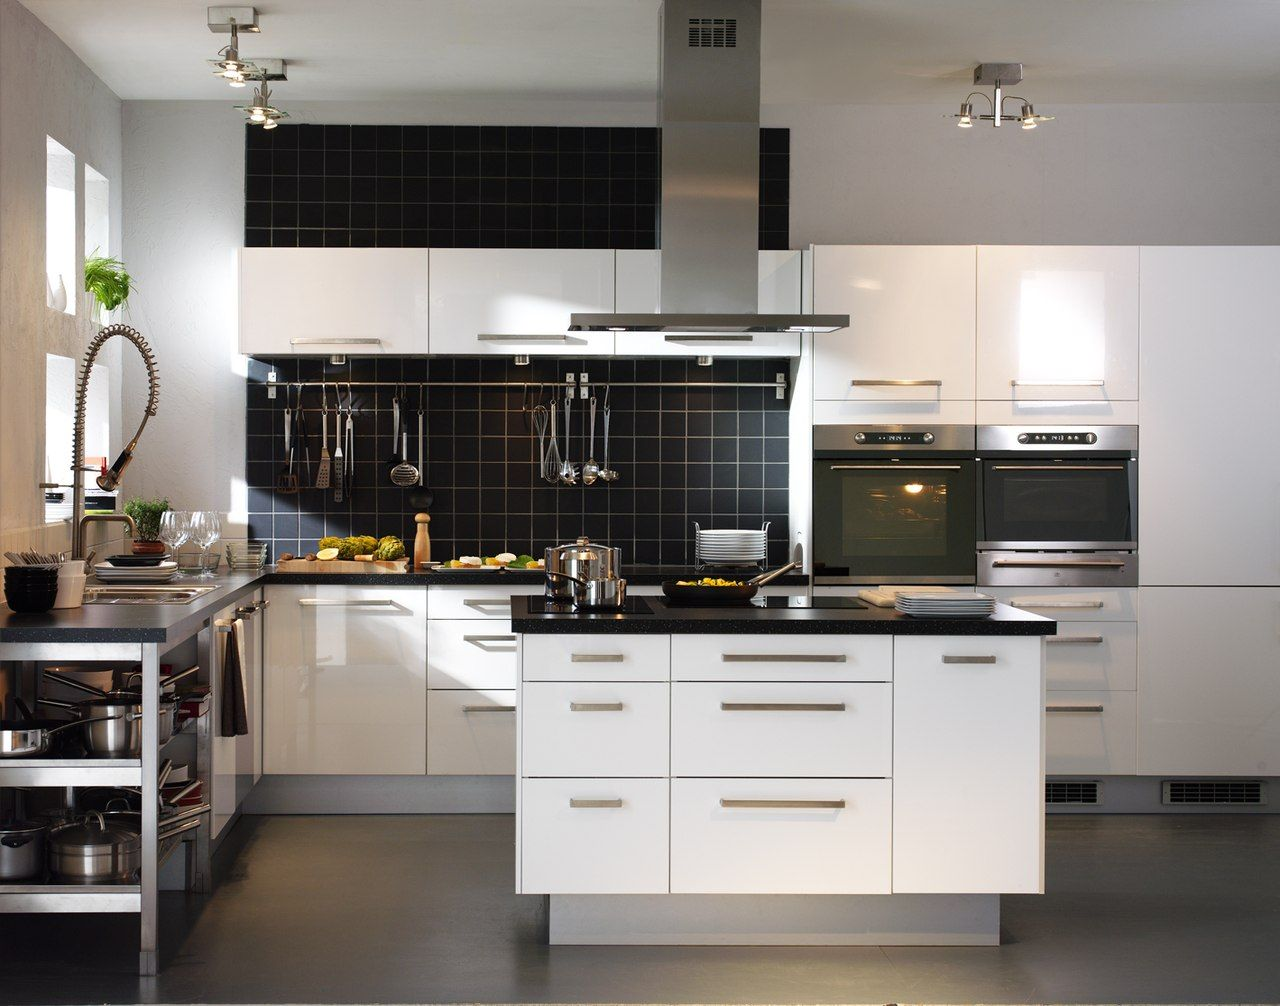 kitchen #ikea